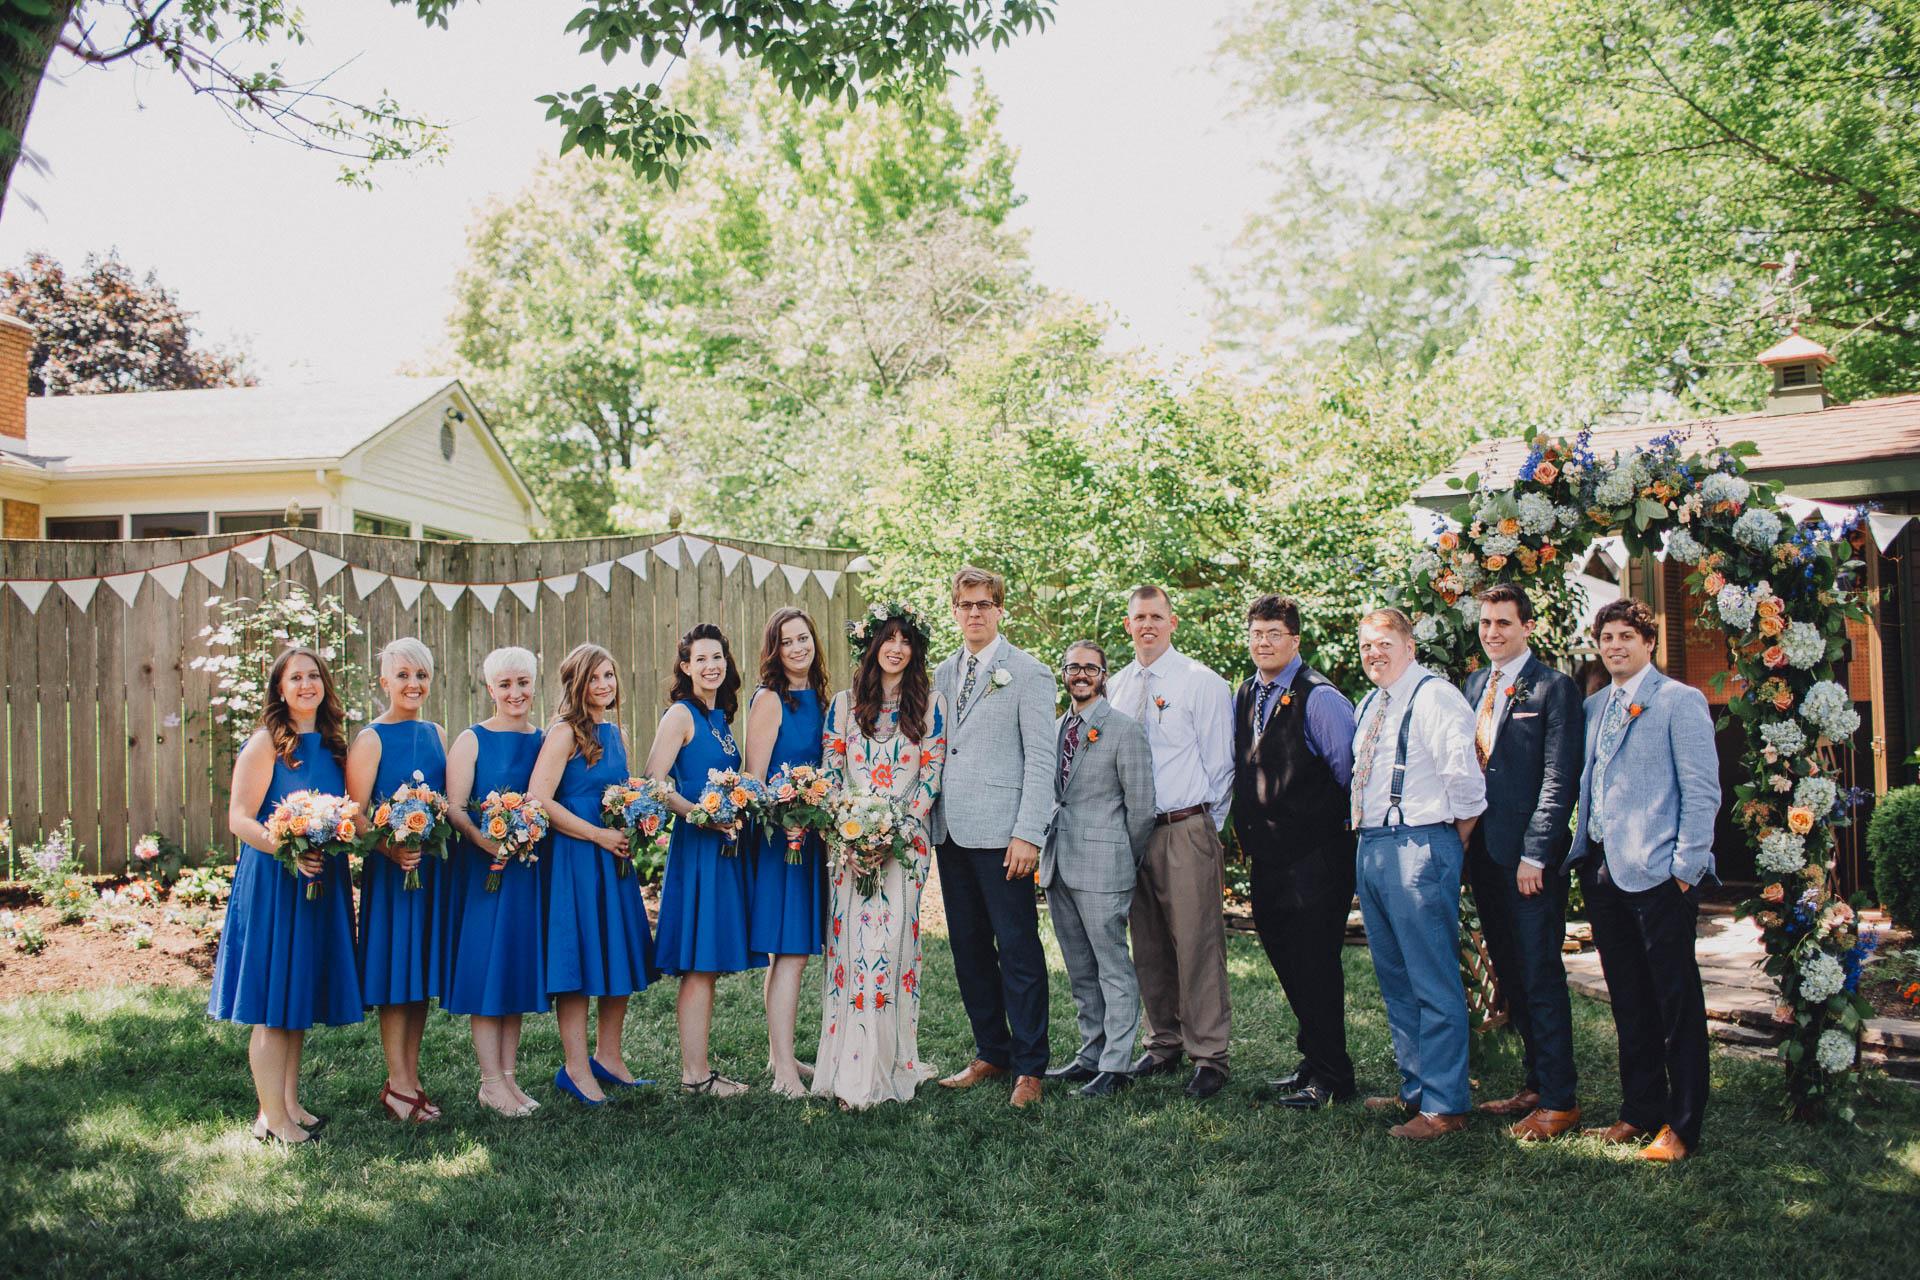 Megan-Paul-Ohio-English-Garden-Wedding-068@2x.jpg